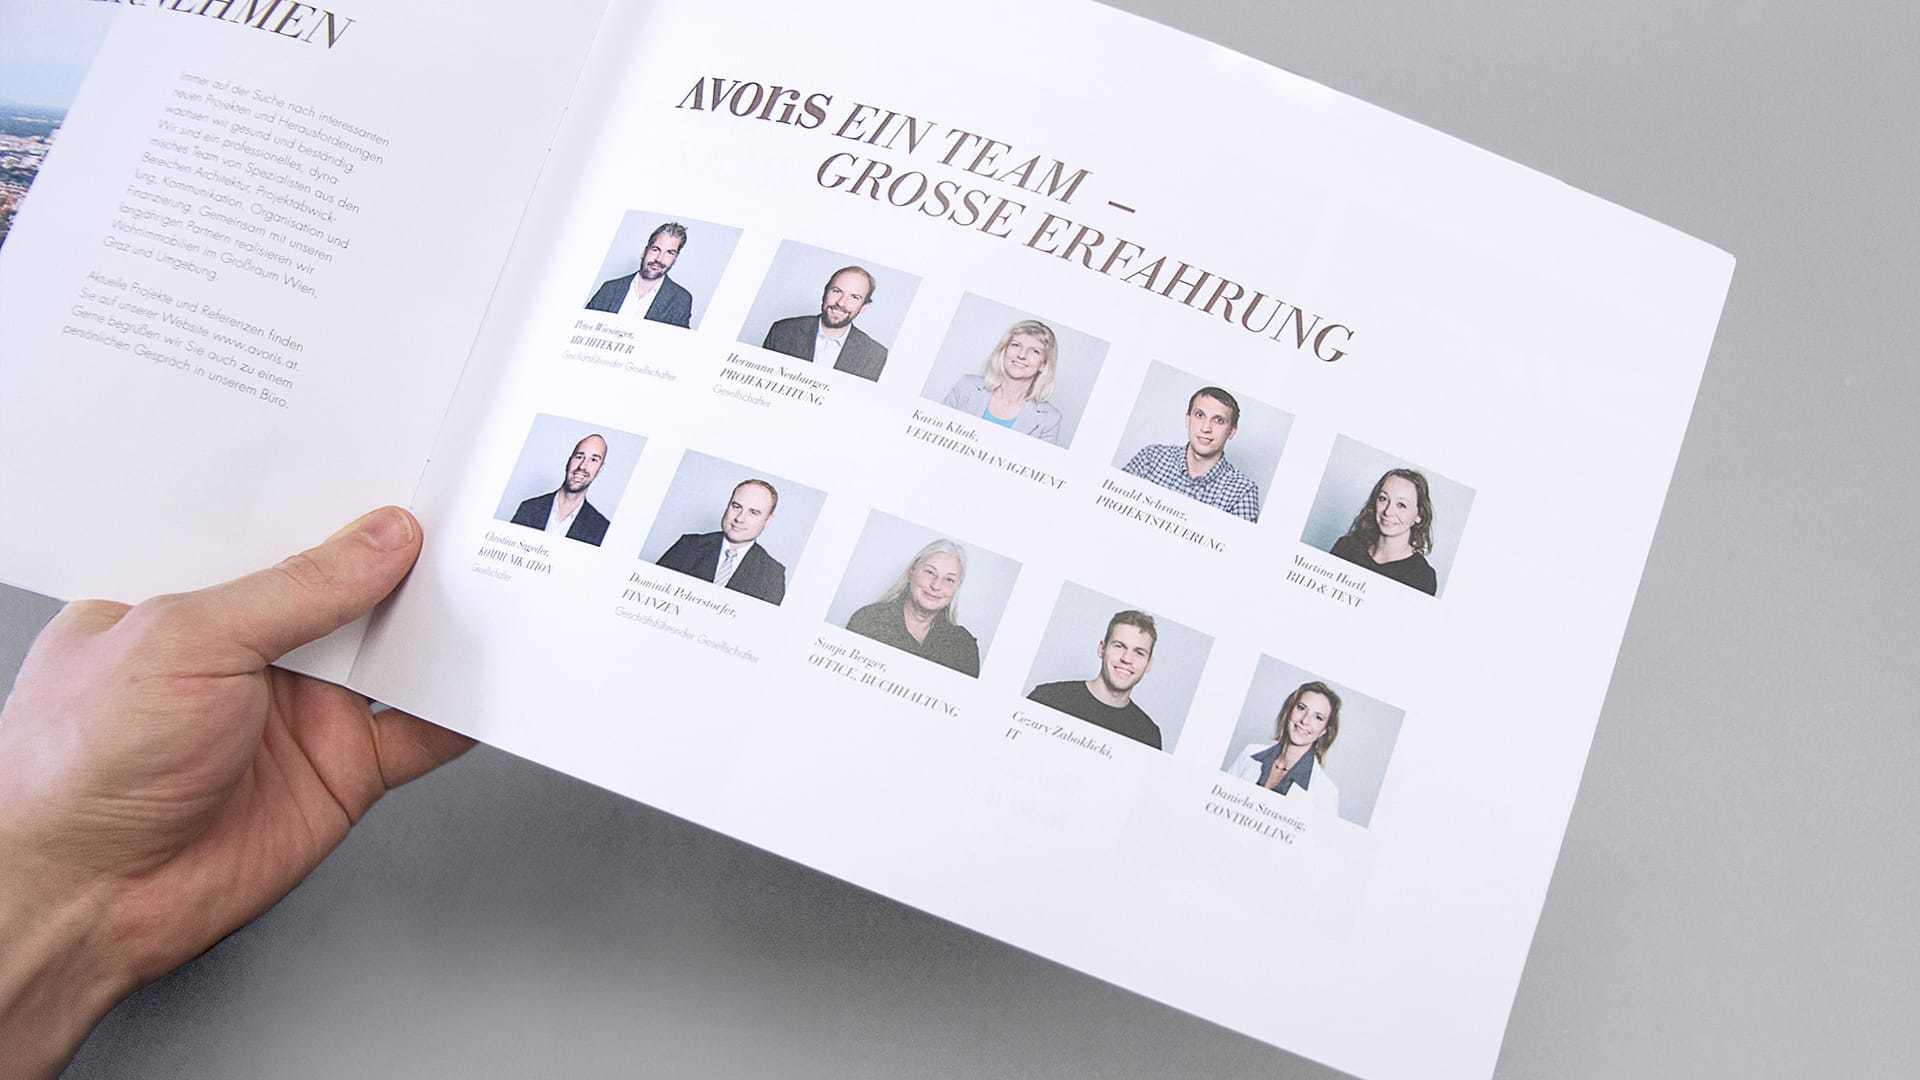 Ref Avoris Markenentwicklung 7